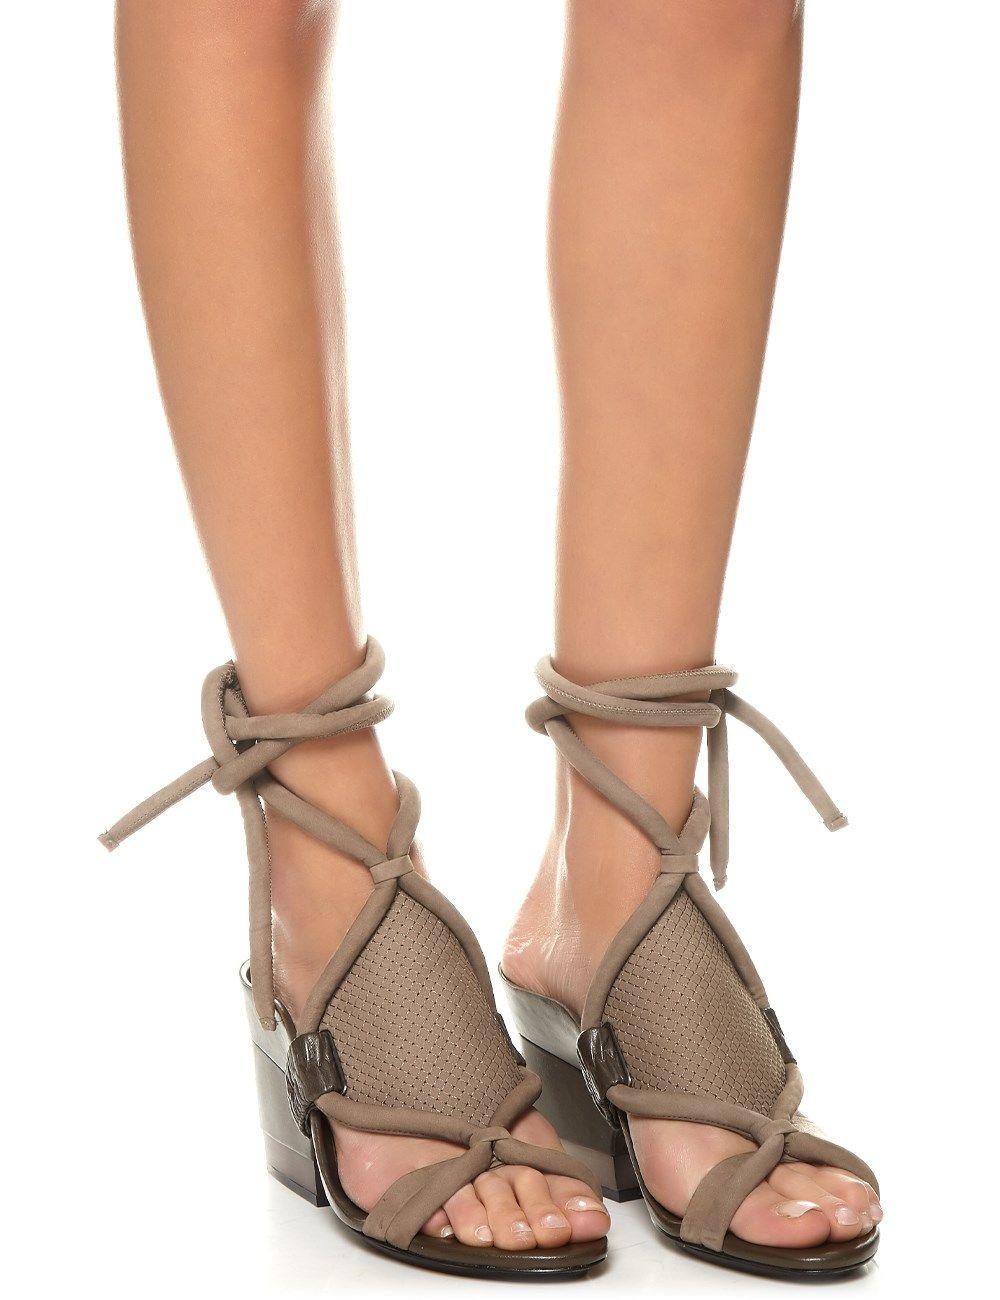 Clay Wren Nubuck Marquise Sandals | 3.1 Phillip Lim | Avenue32